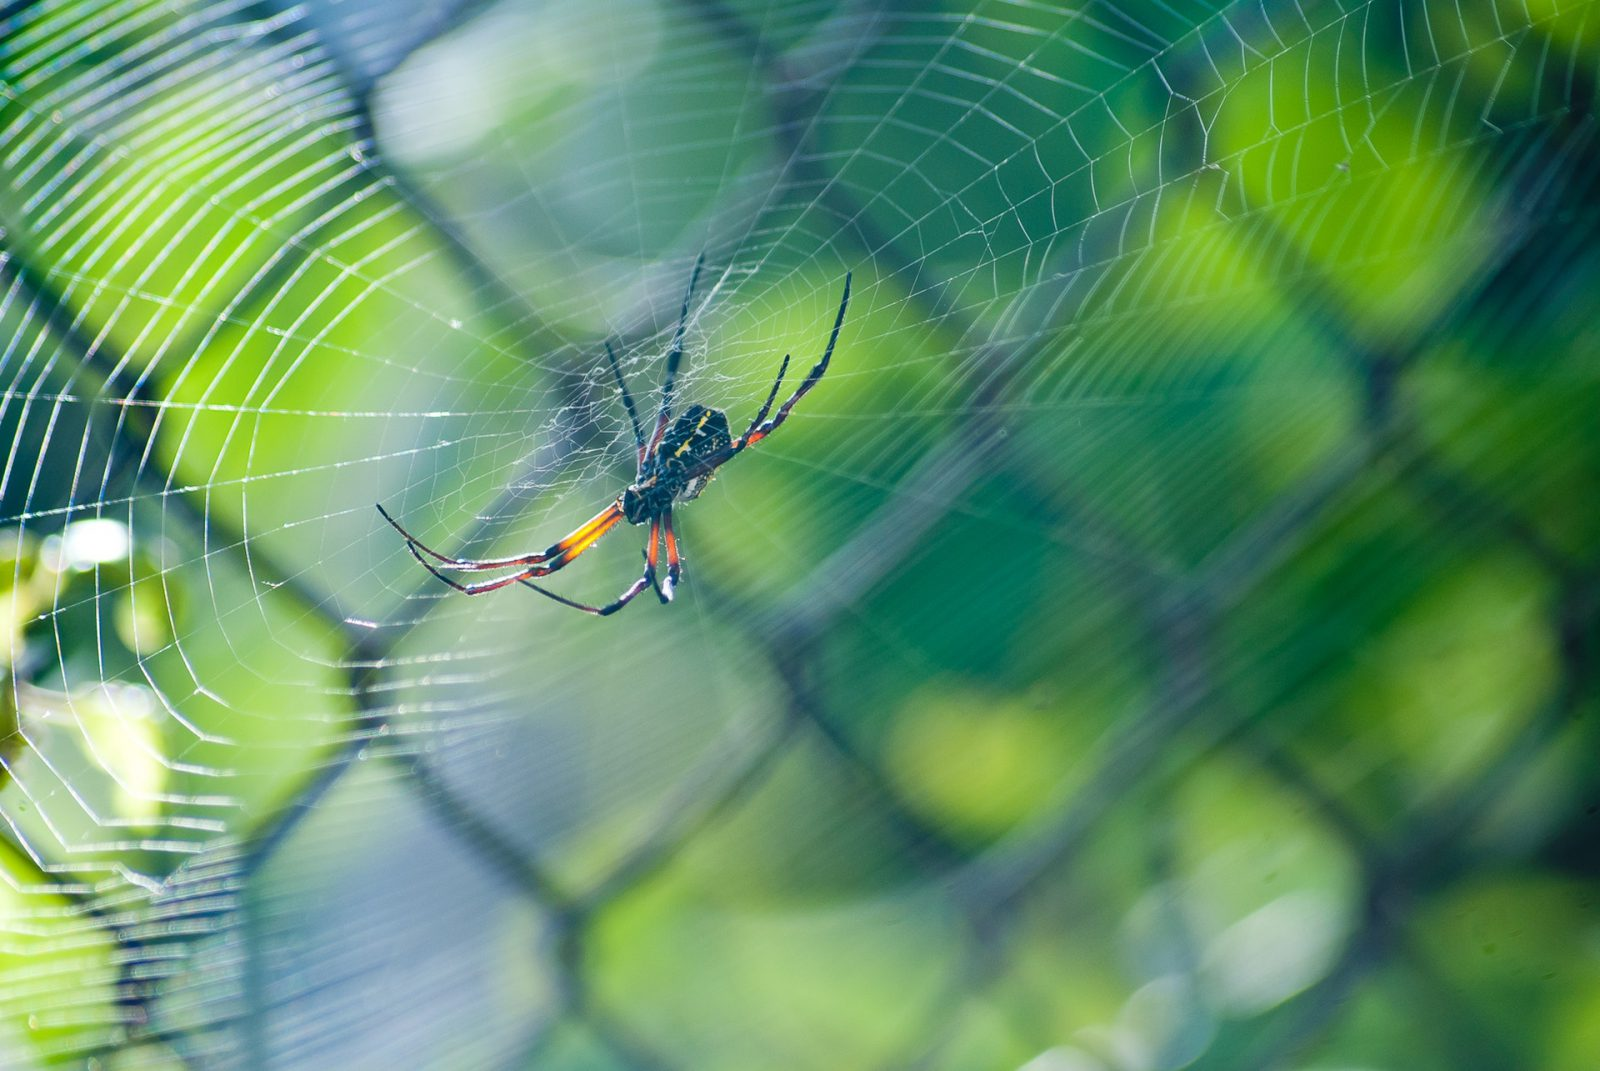 Sonhar com teia de aranhas significa uma série de coisas como criação, destino, responsabilidades, armadilhas.